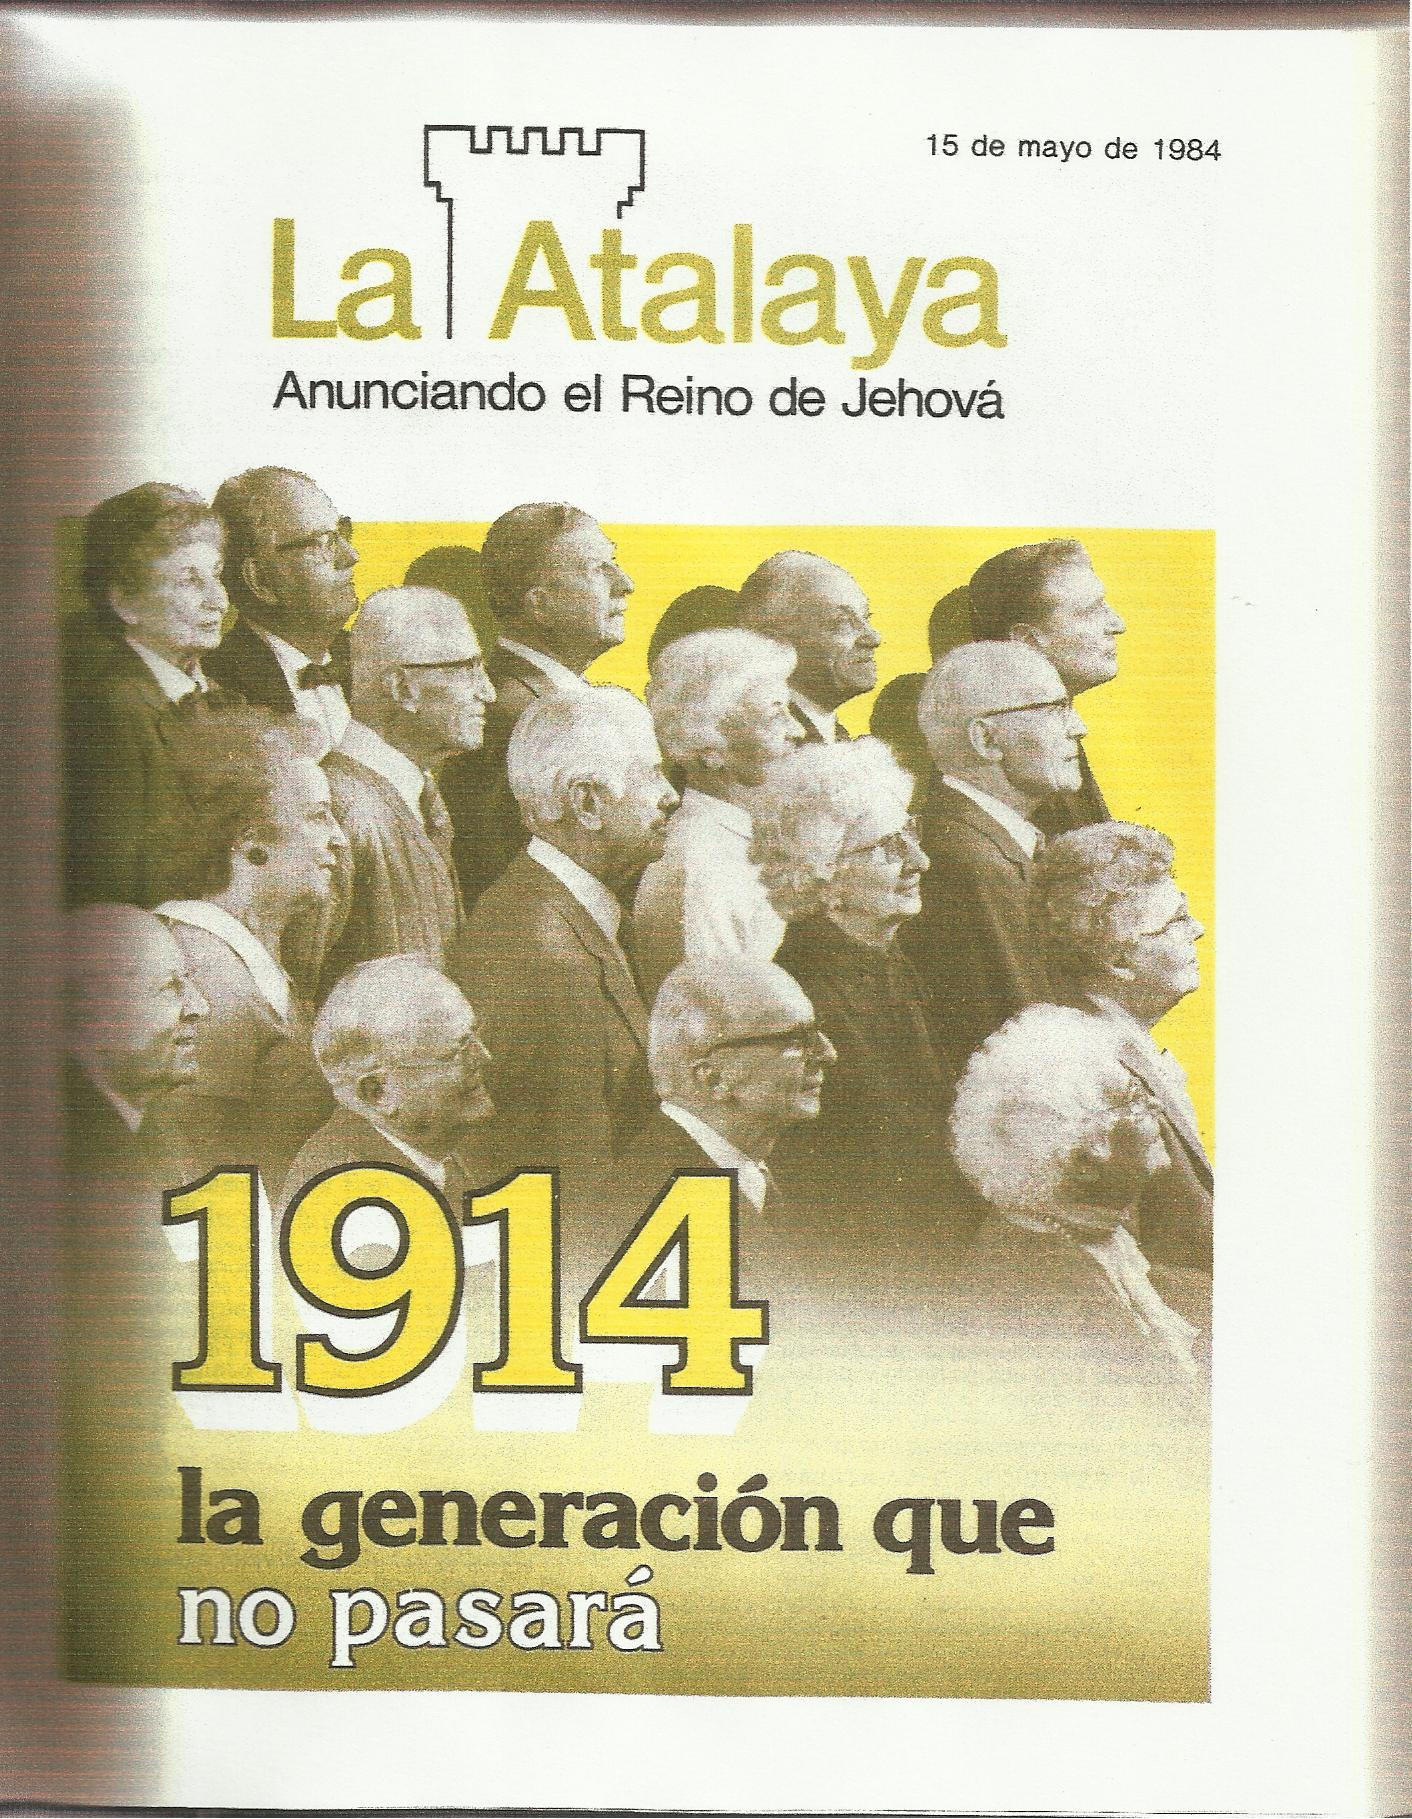 Generación. Atalaya 1984 15 de Mayo, portada 001